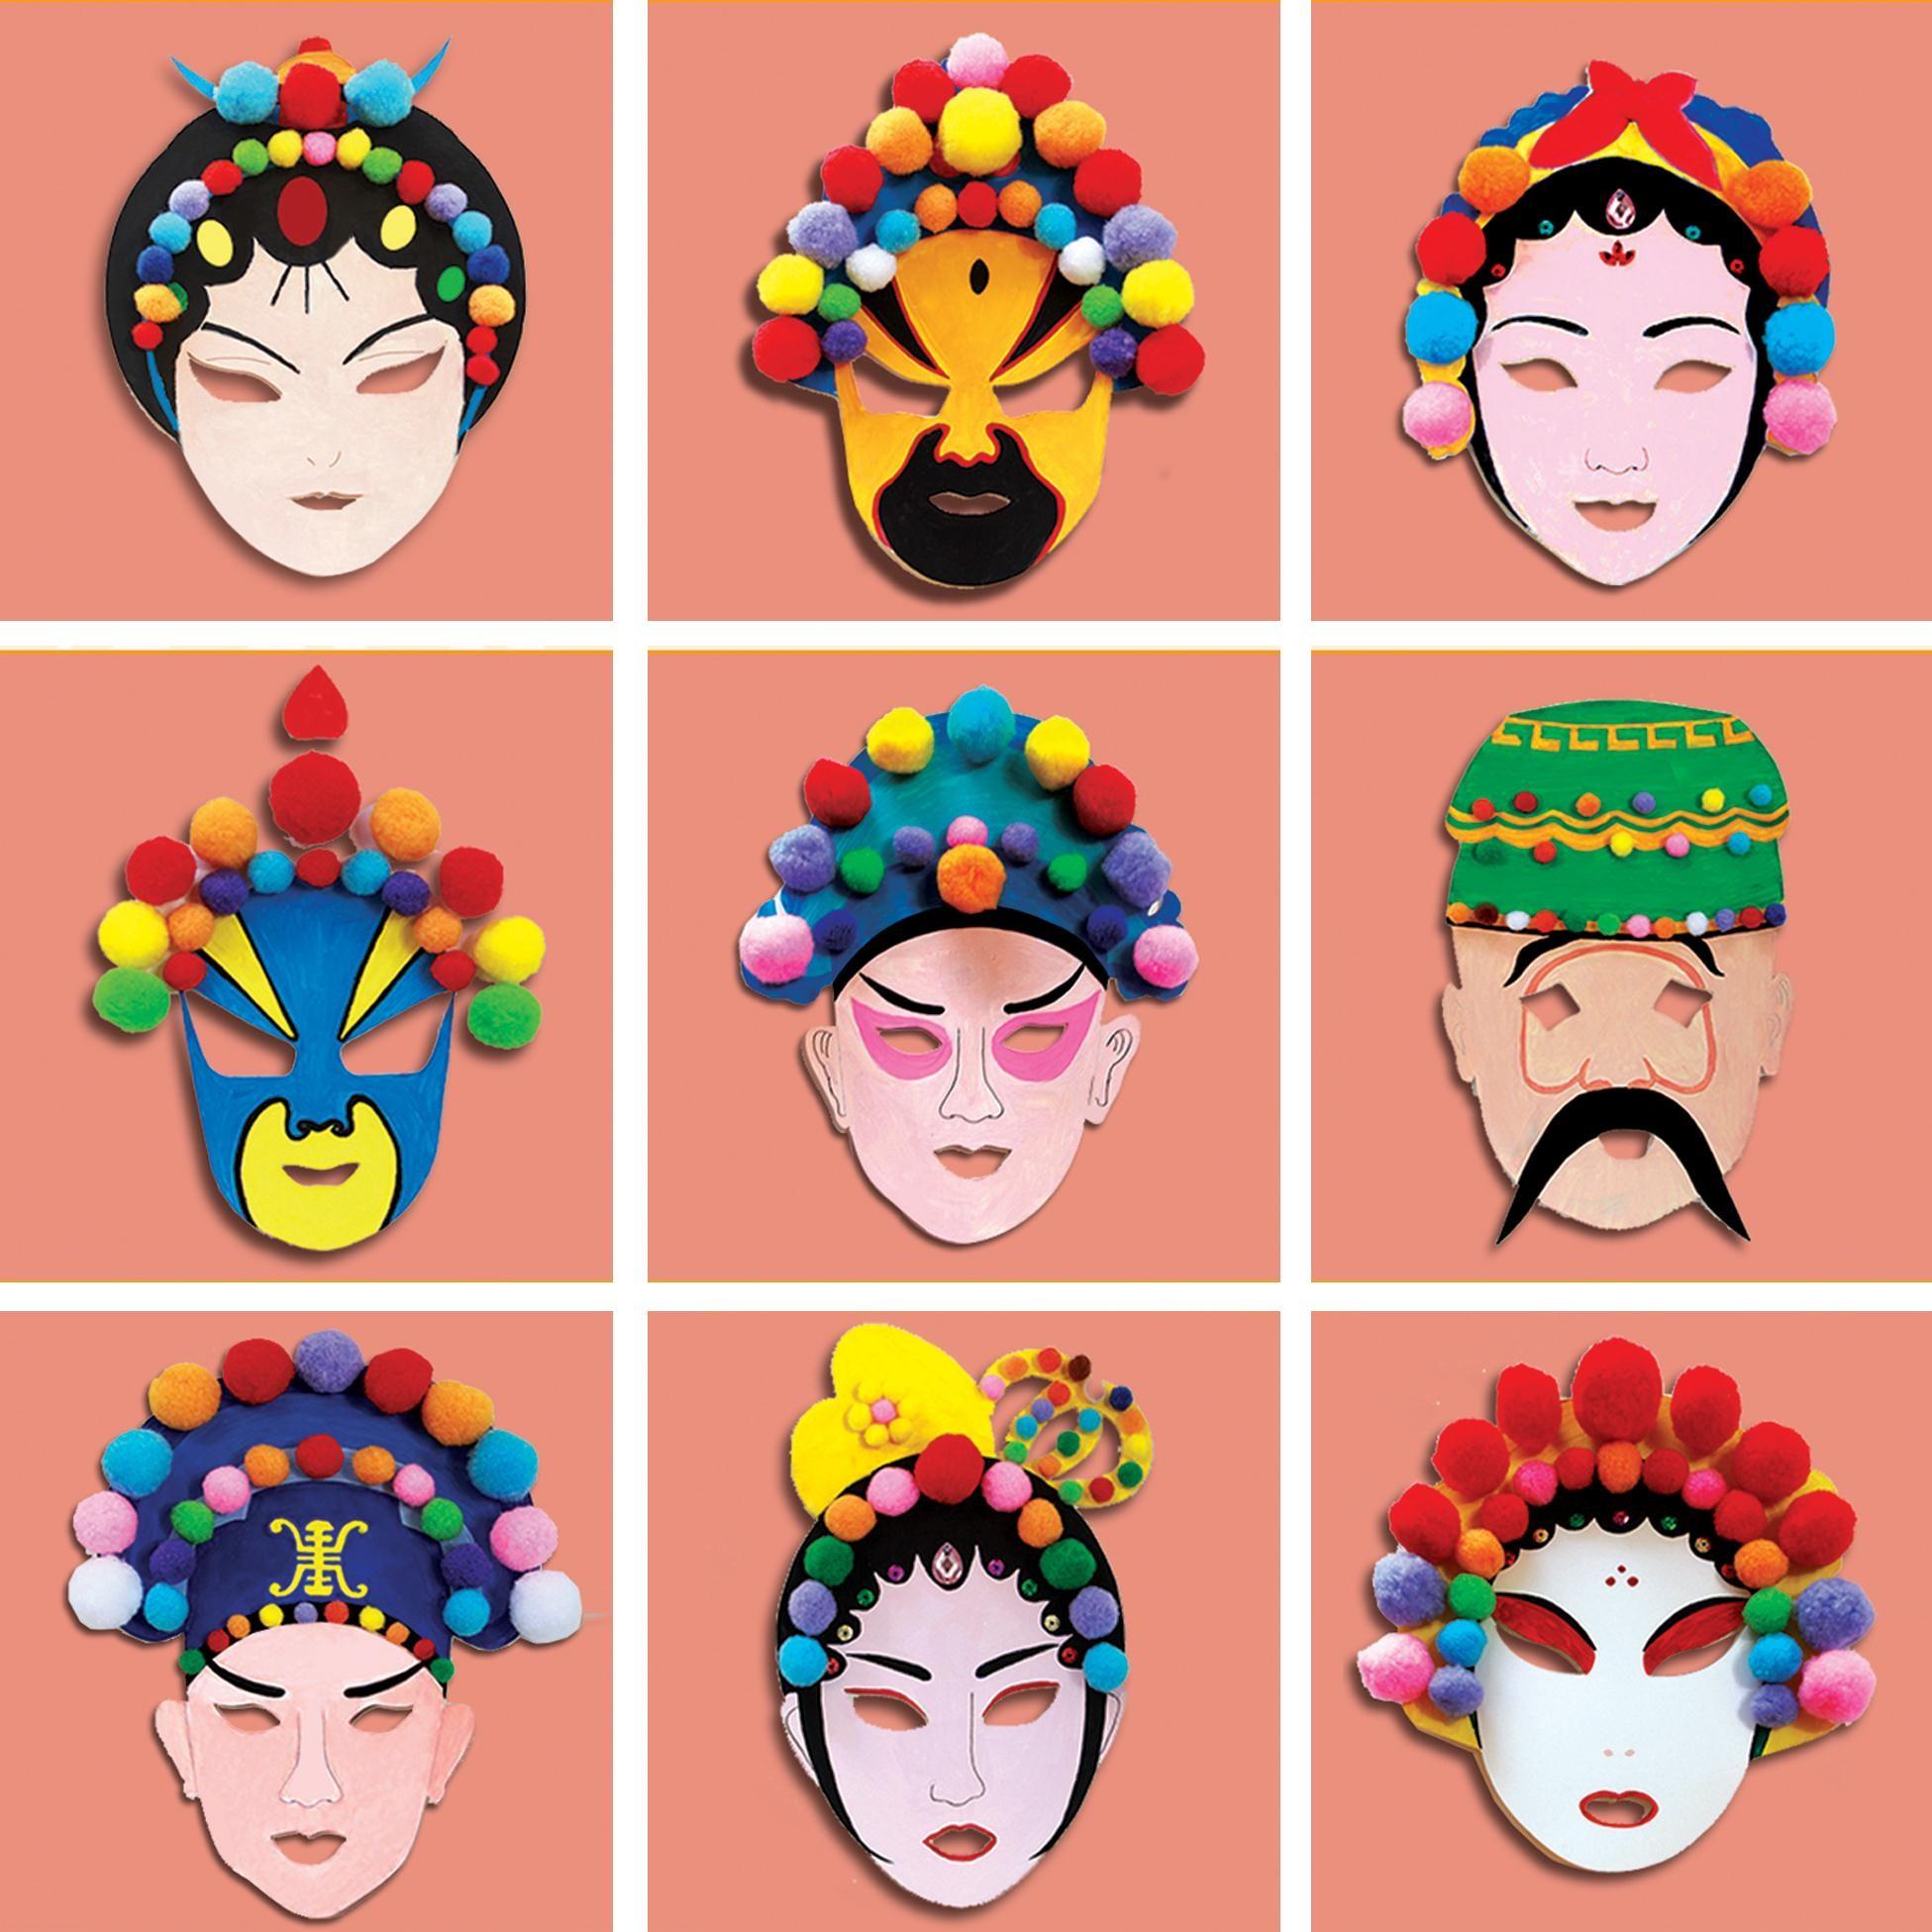 儿童玩具diy手工制作京剧装扮头饰花旦头冠花脸脸谱面具